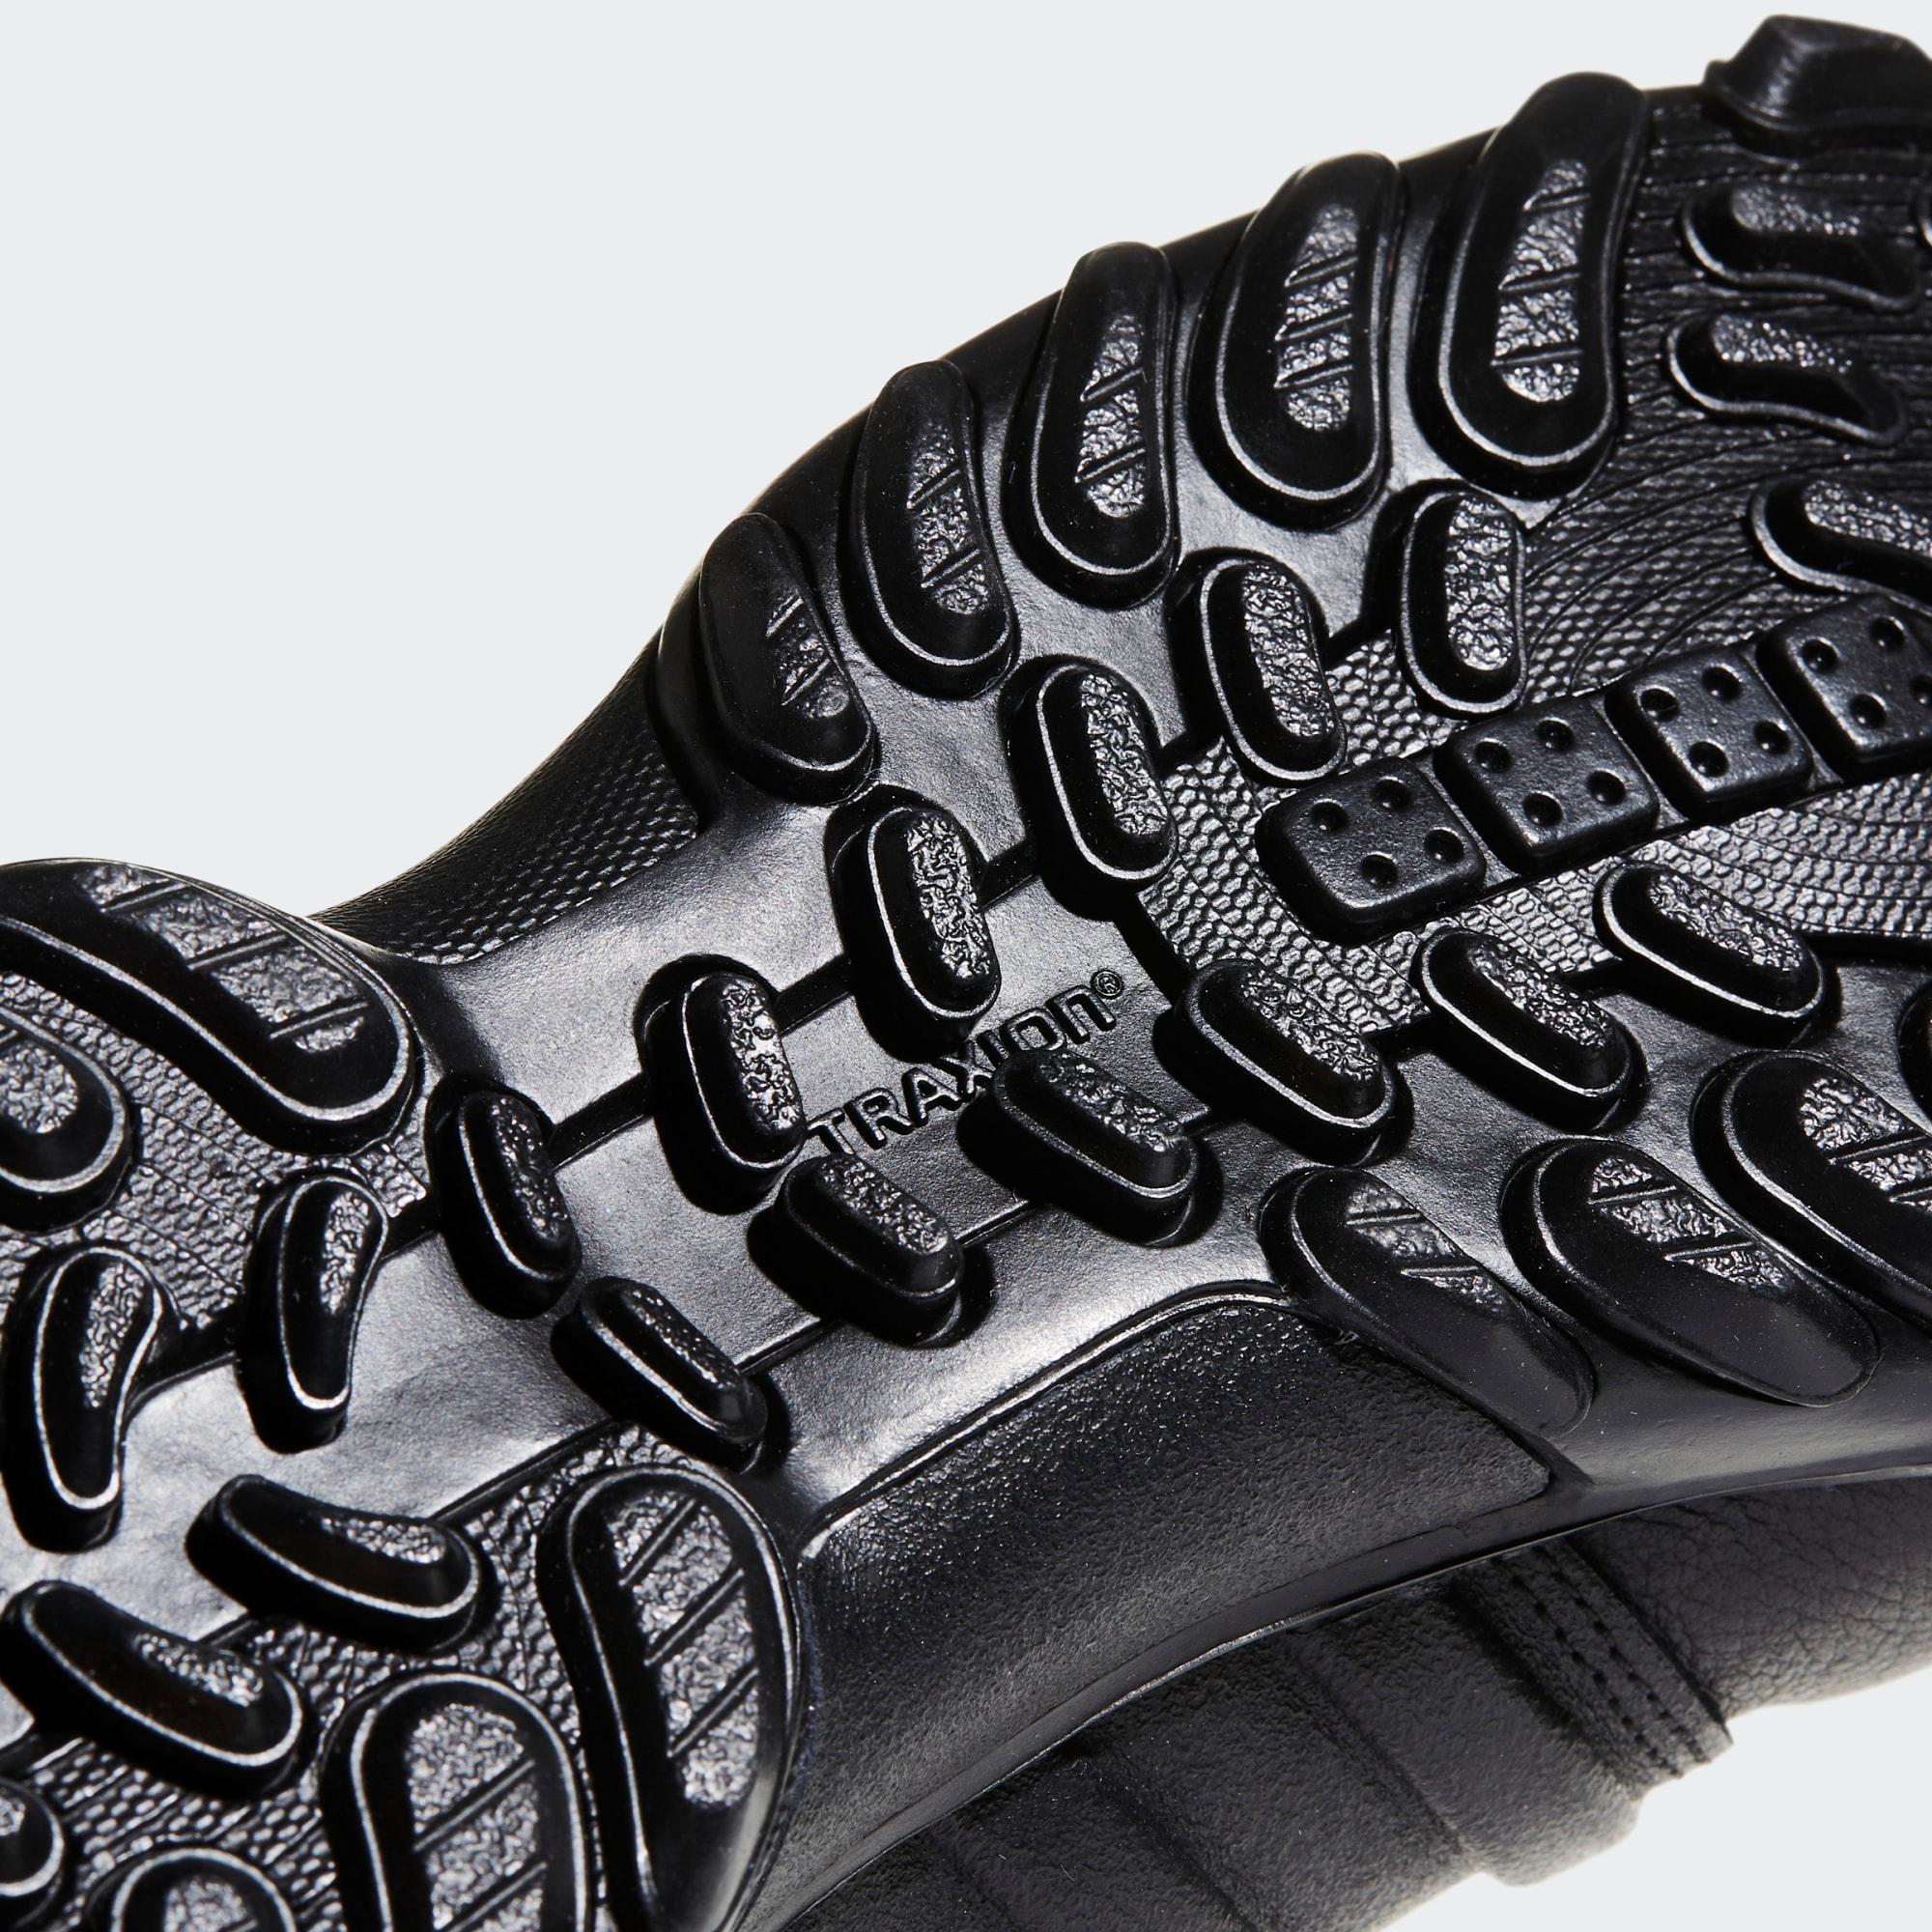 Adidas GSG-9.7 GSG-9.7 GSG-9.7 Wanderschuhe Herren Core Black im Online Shop von SportScheck kaufen Gute Qualität beliebte Schuhe 2f792f